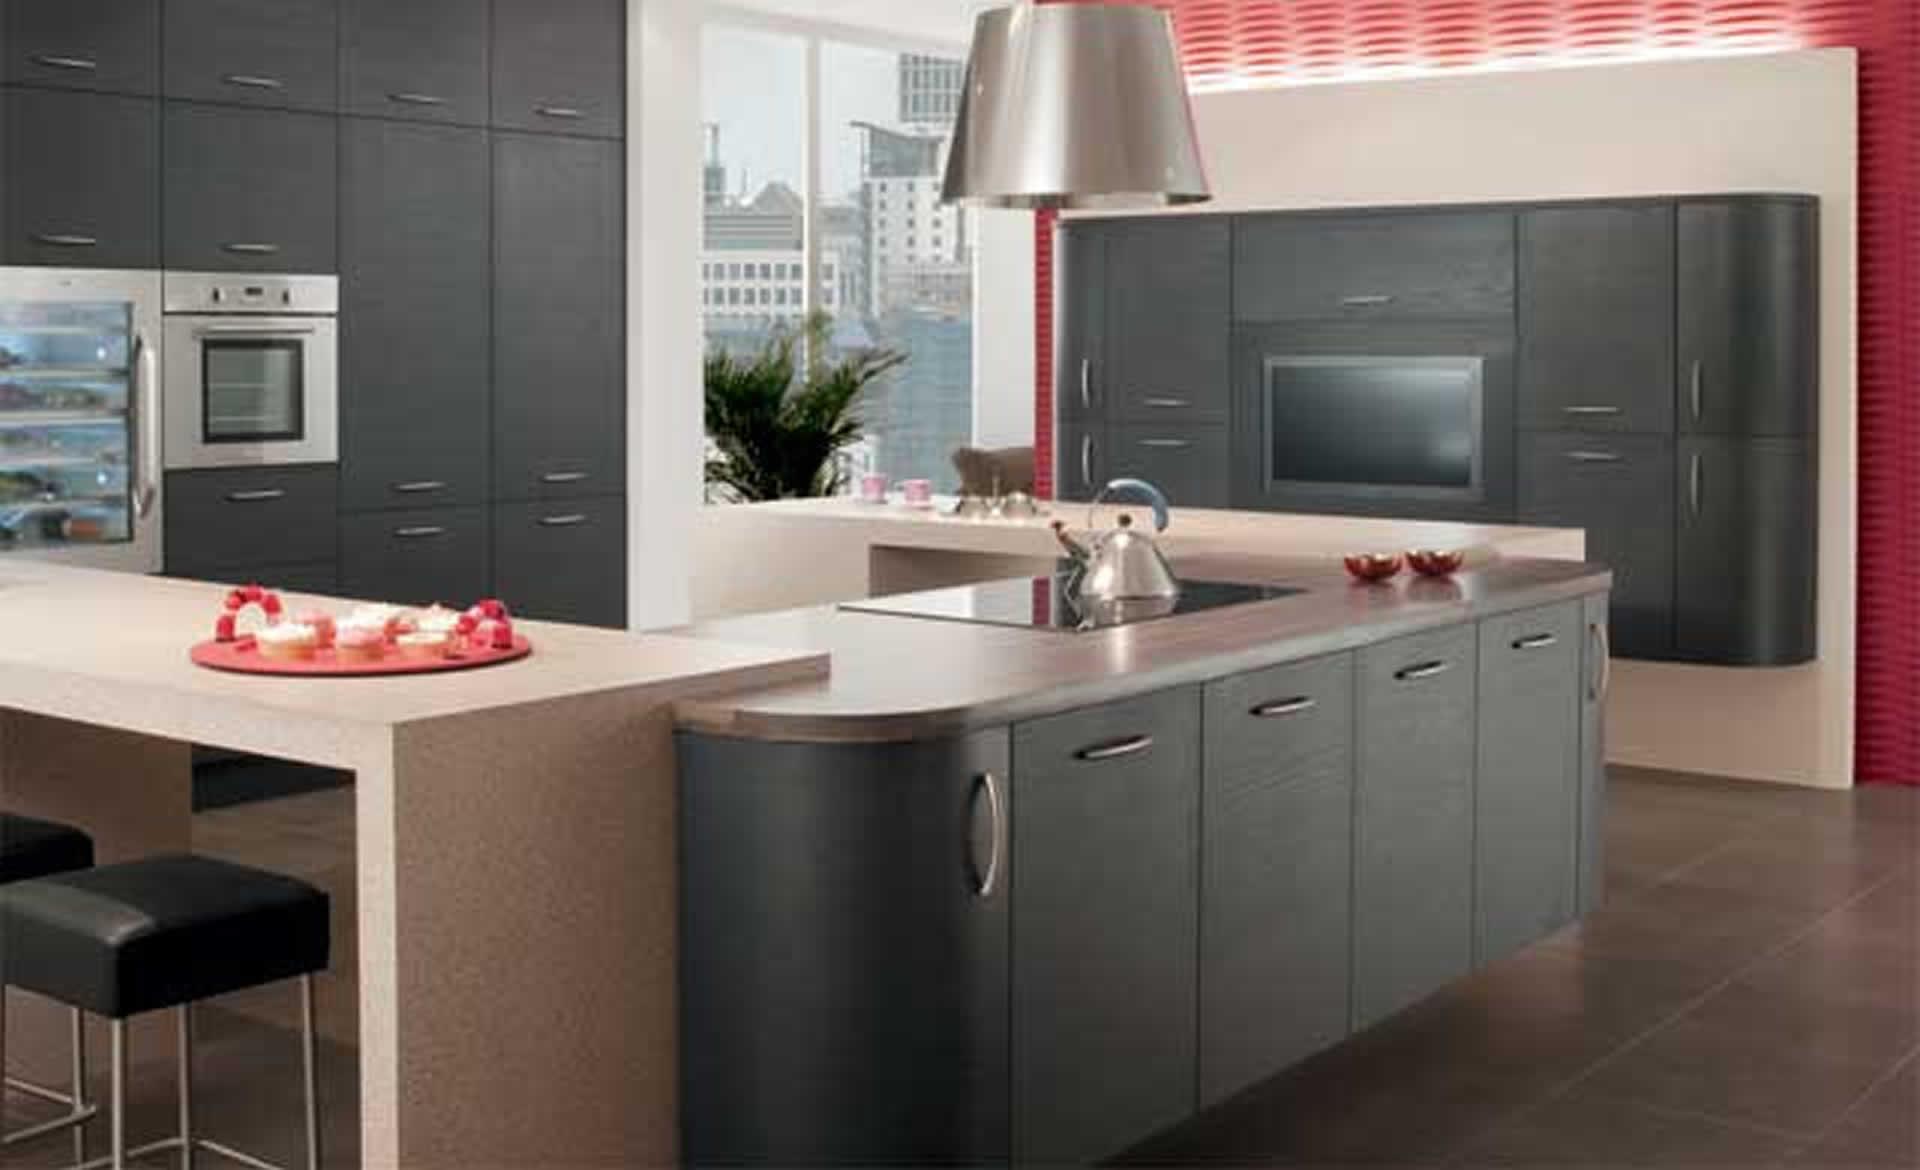 Kitchen Design - Tavola Oak: stained Hacienda Black supplied by Superior Cabinets